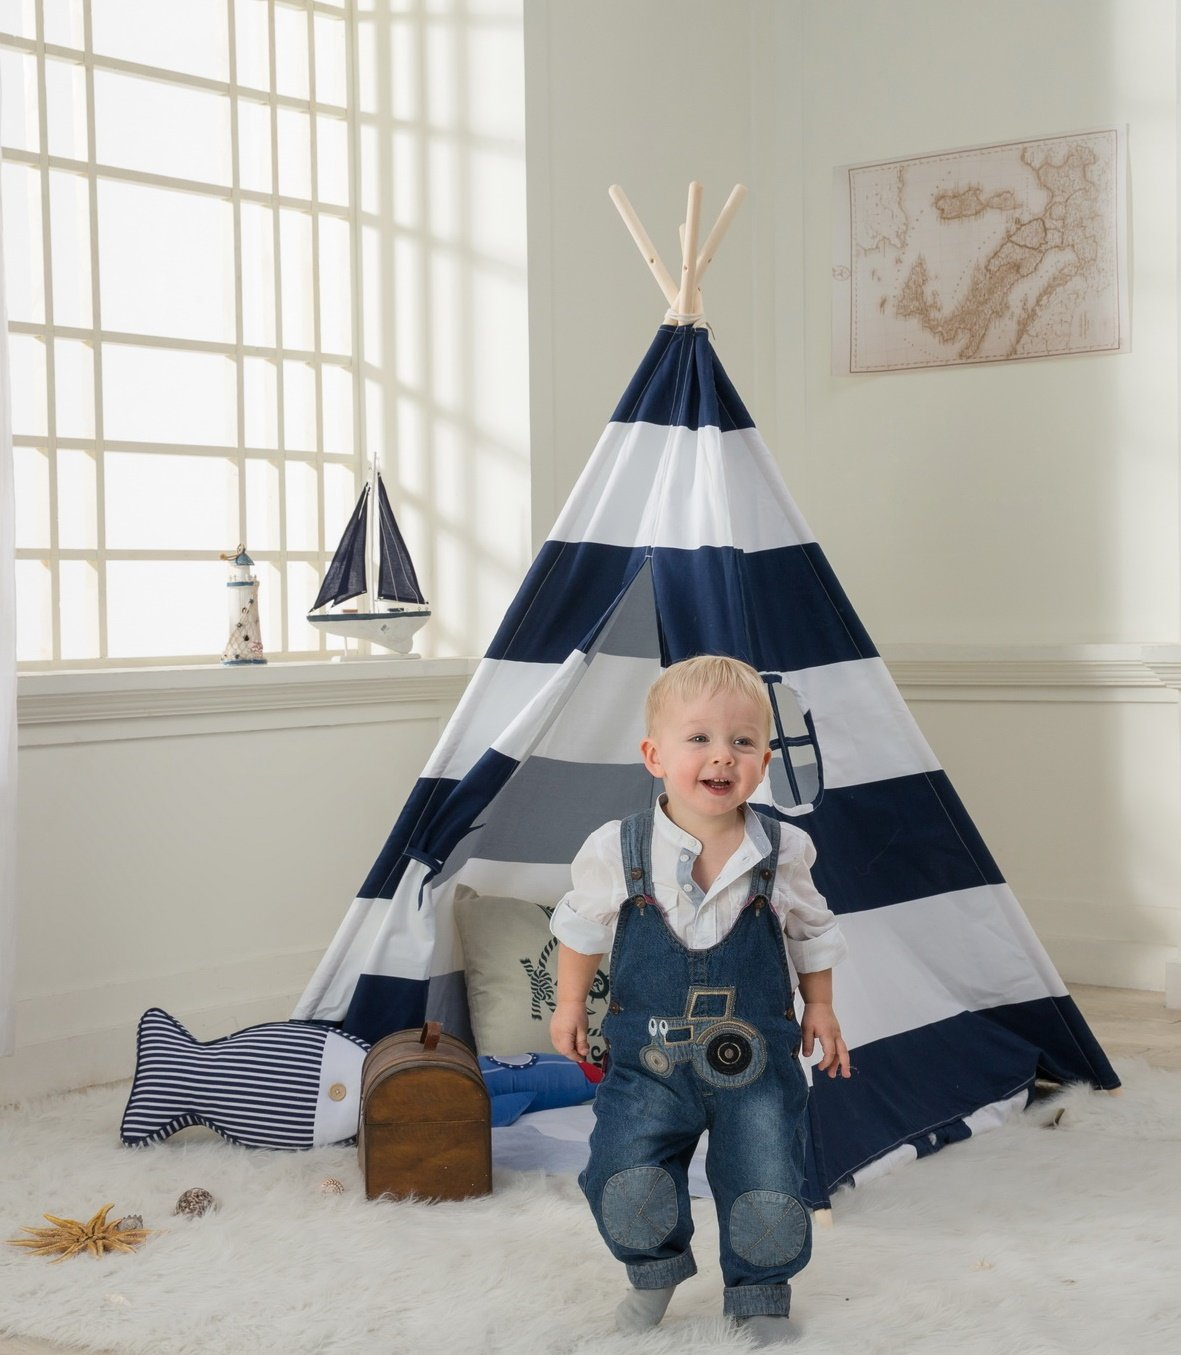 DeceStar Blau Teepee Zelt für Kinder- 100% natürliches Baumwollsegeltuch-Spiel-Zelt für Kinder - Komm mit Matratze und Tragetasche